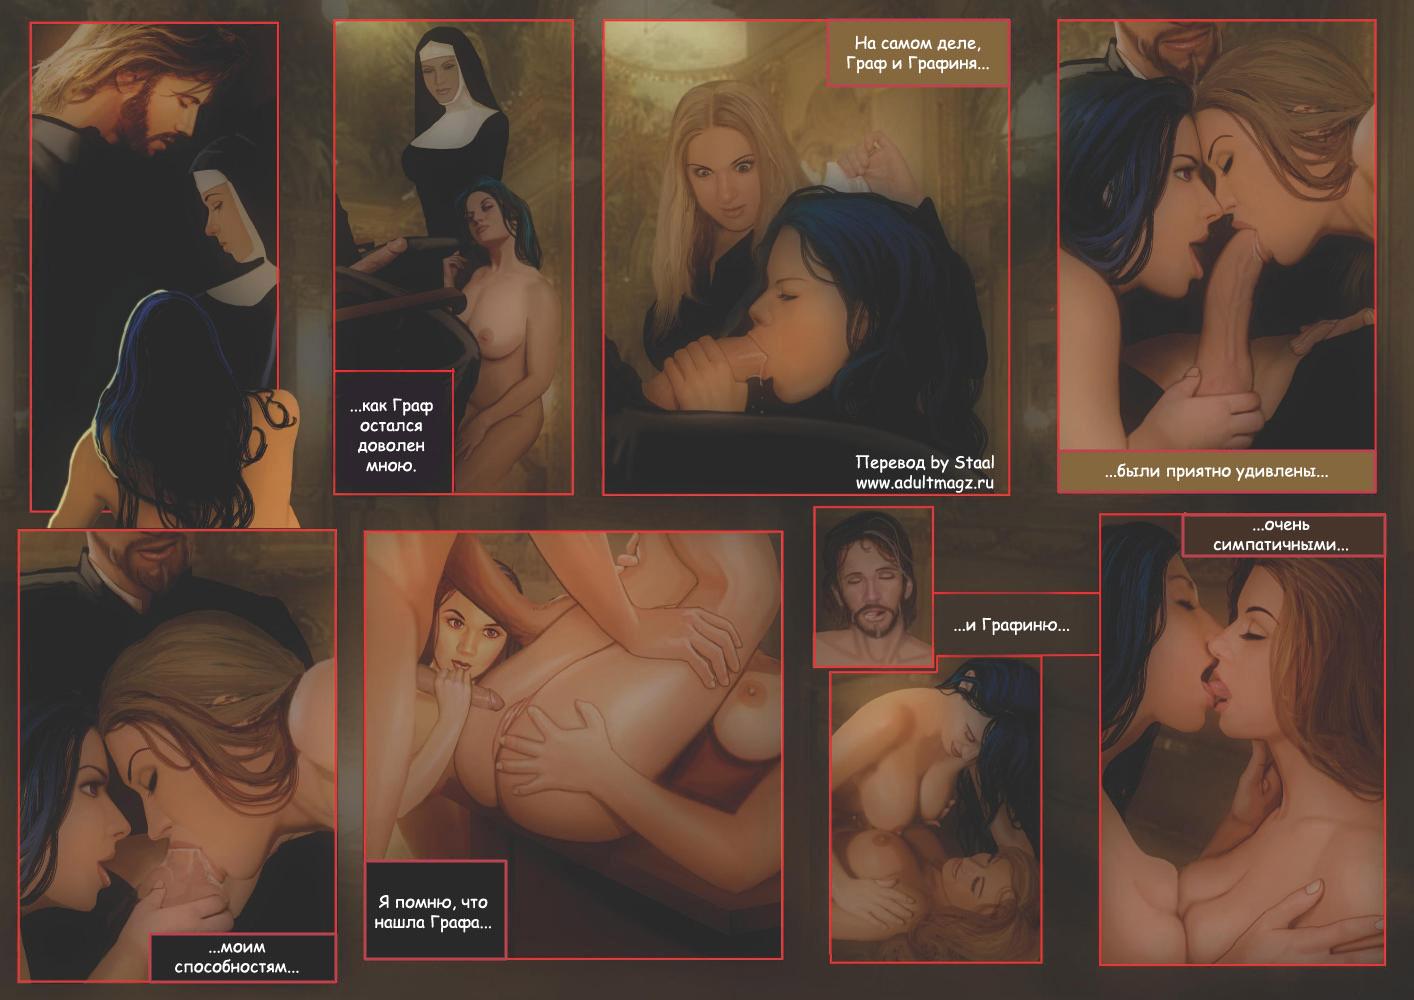 Смотреть как занимаются сексом с монашками 1 фотография